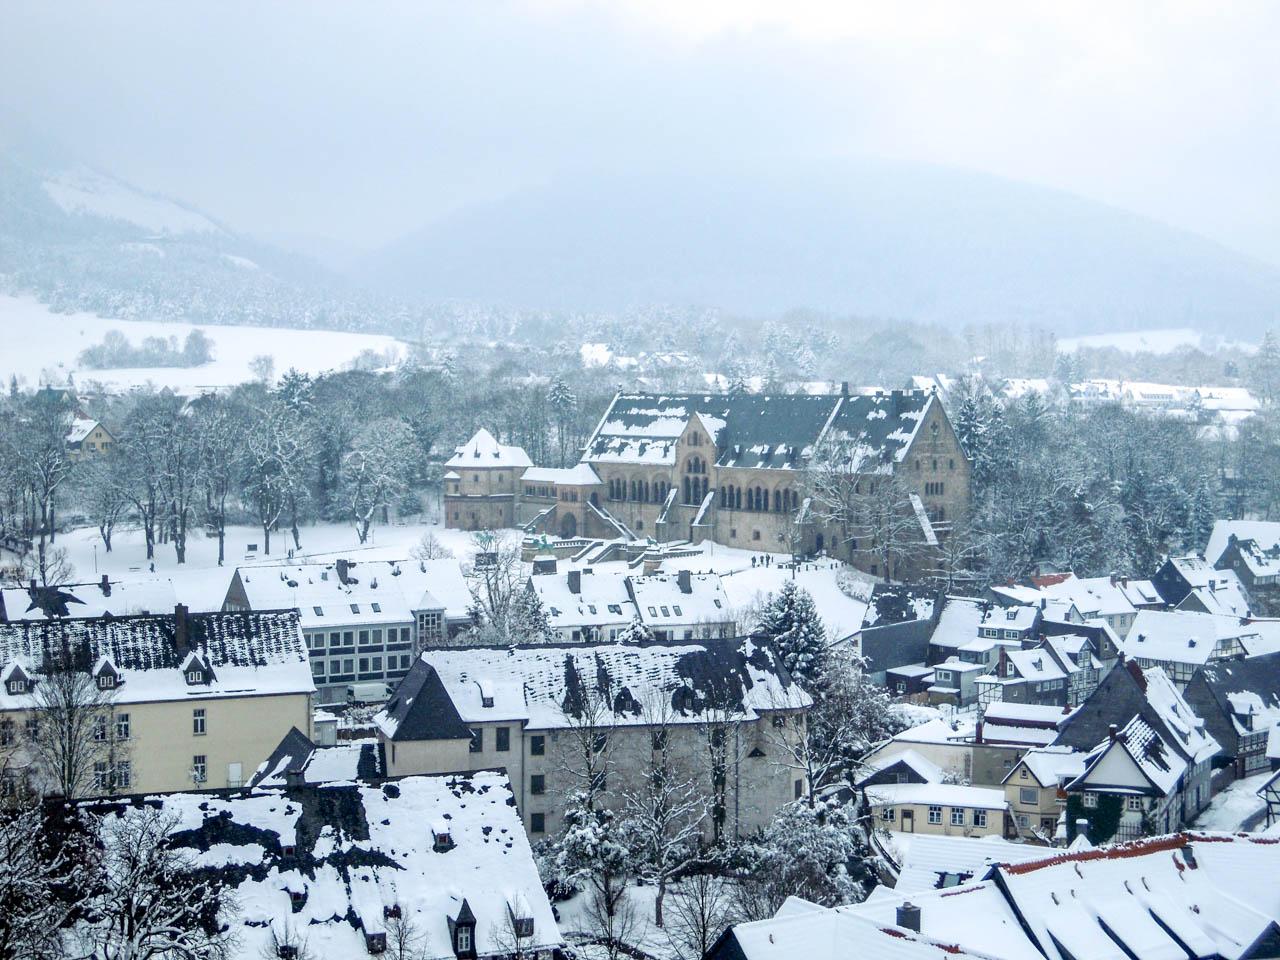 Kaiserpfalz von oben (1 von 1)